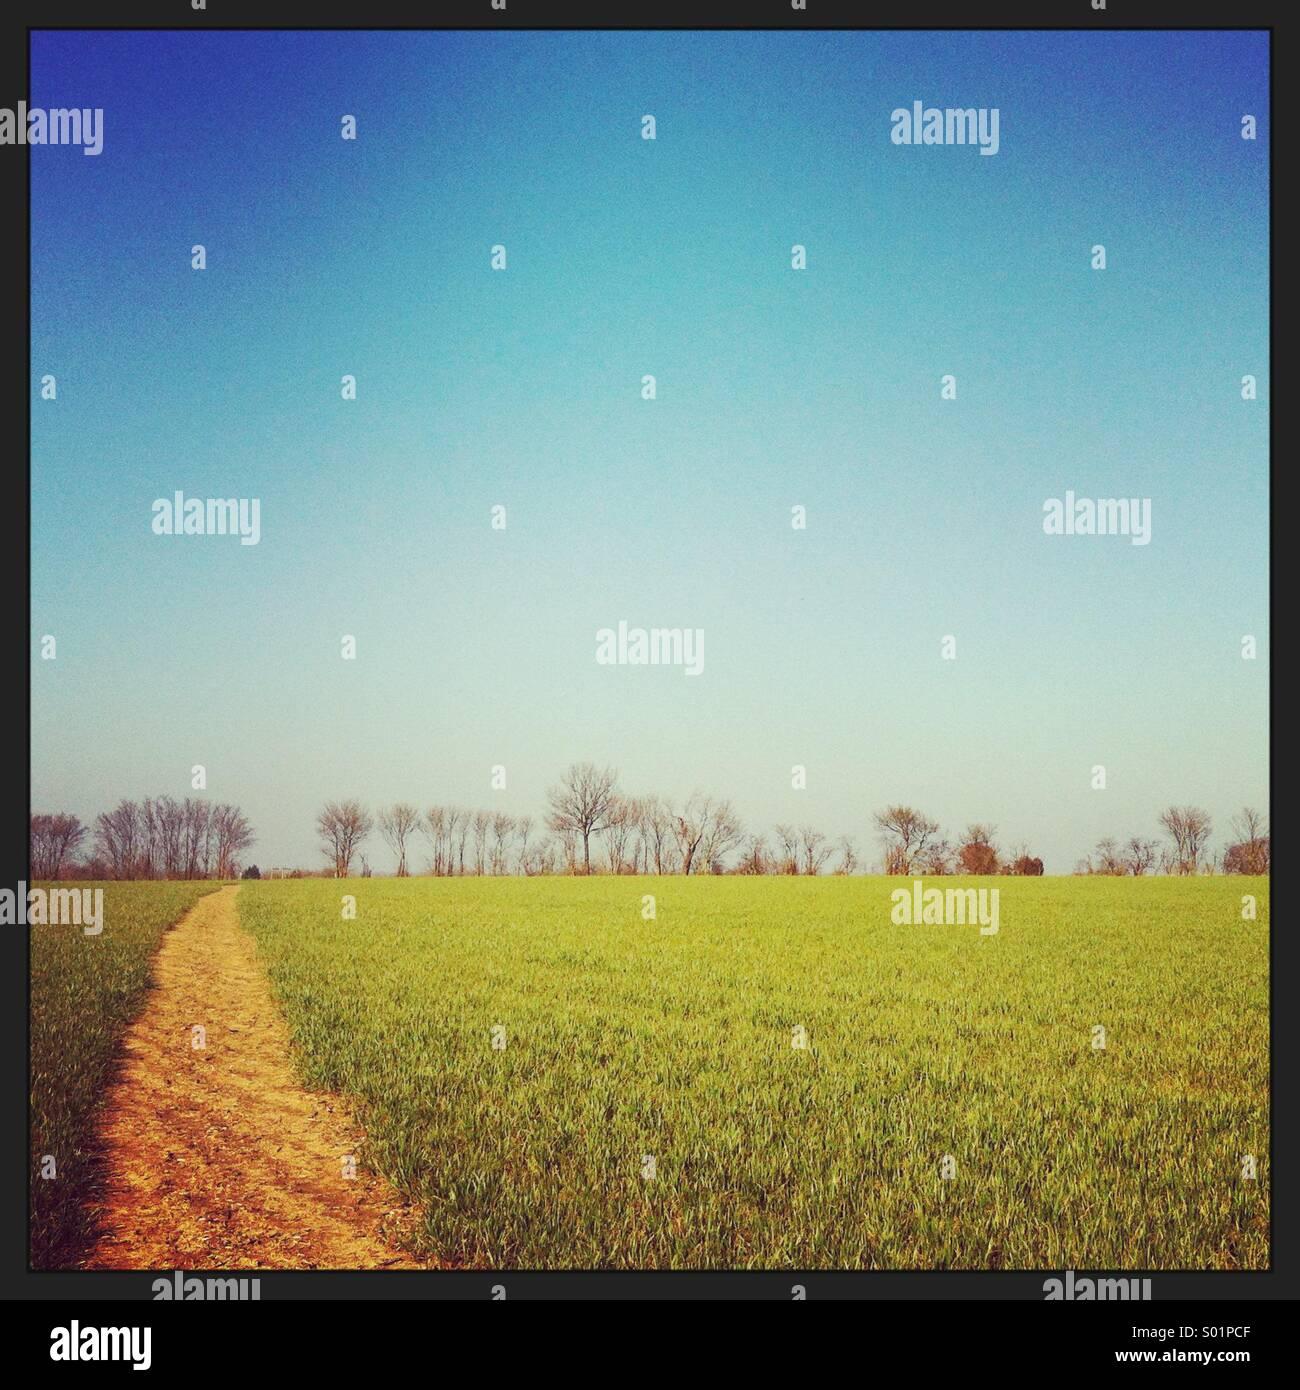 Weg durch ein grünes Feld führt in Richtung einer Linie, wenn Bäume am Horizont mit blauen Himmel Stockbild